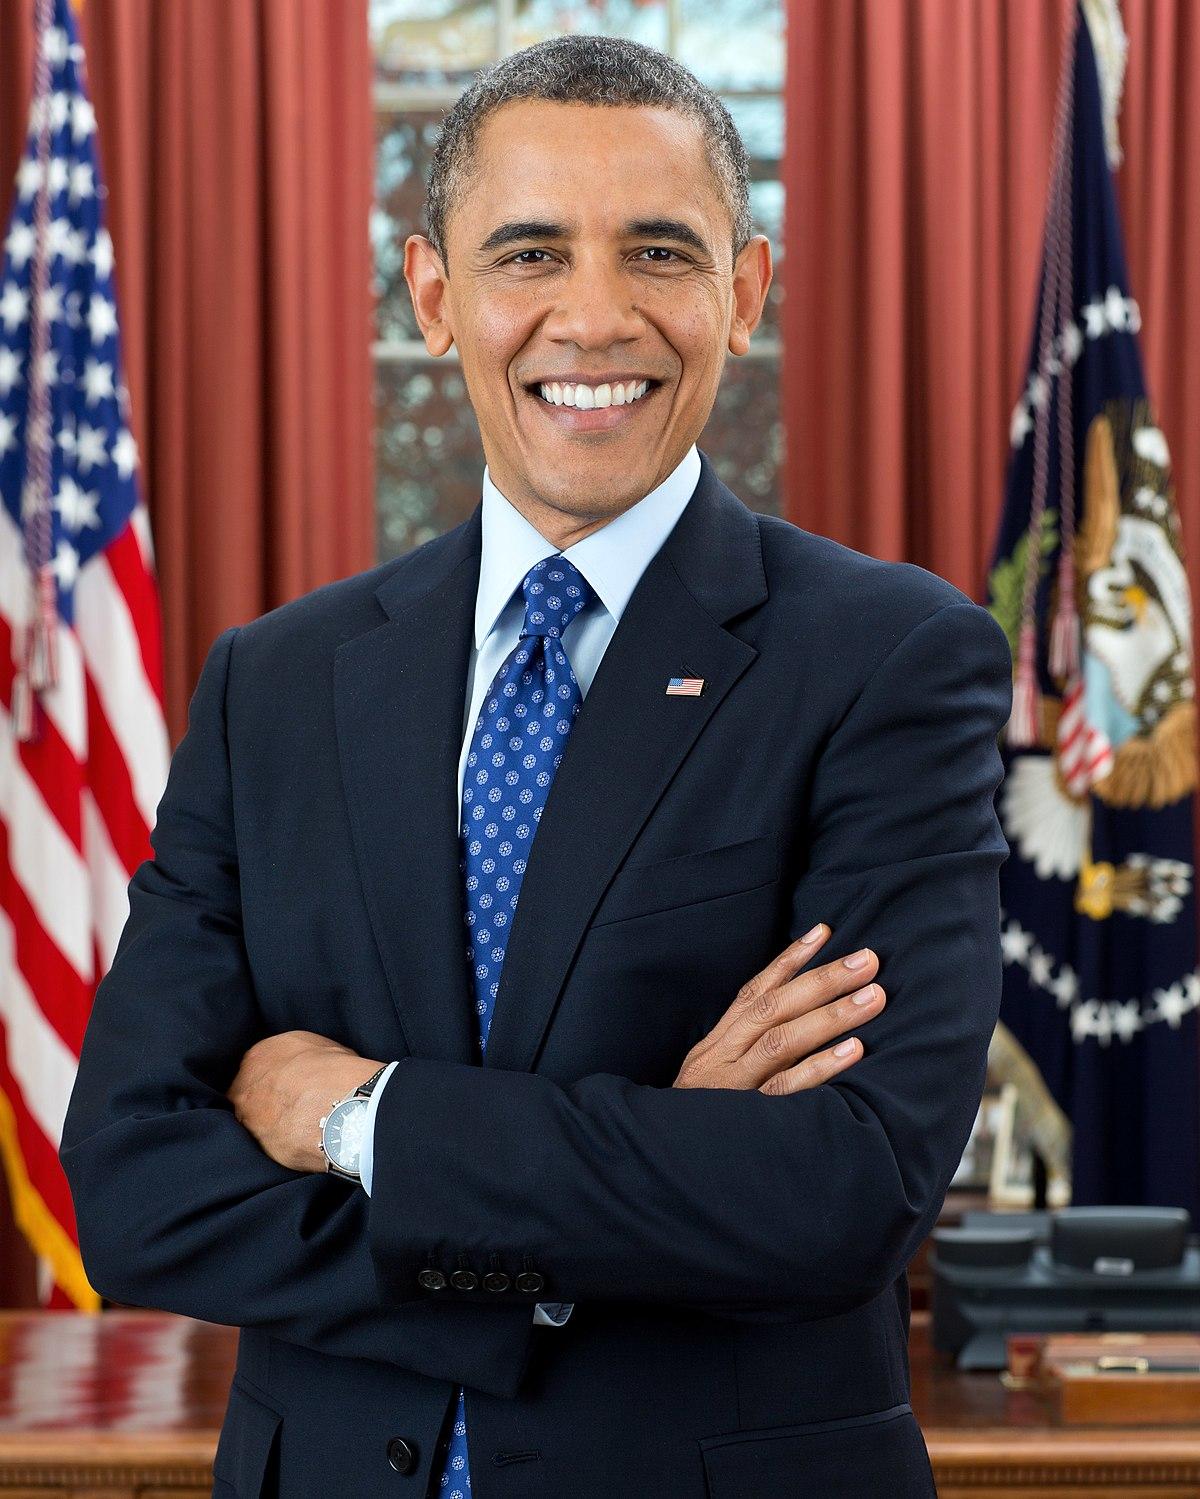 Thumbnail for Barack Obama for President